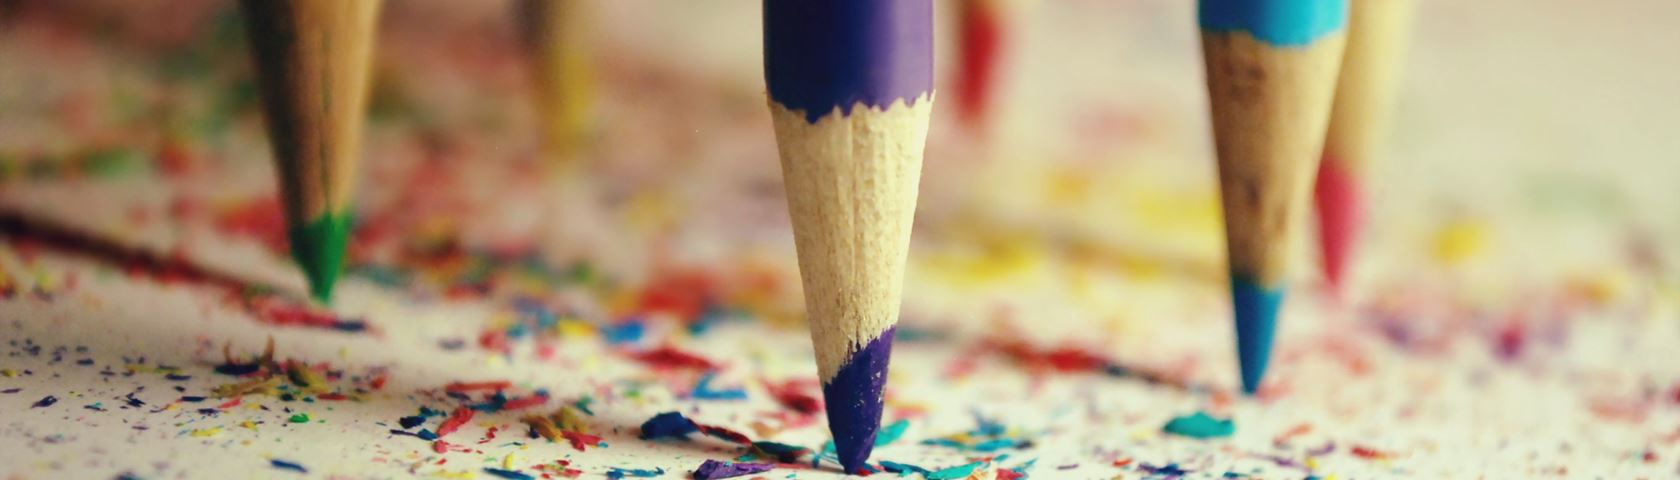 Pencil Points